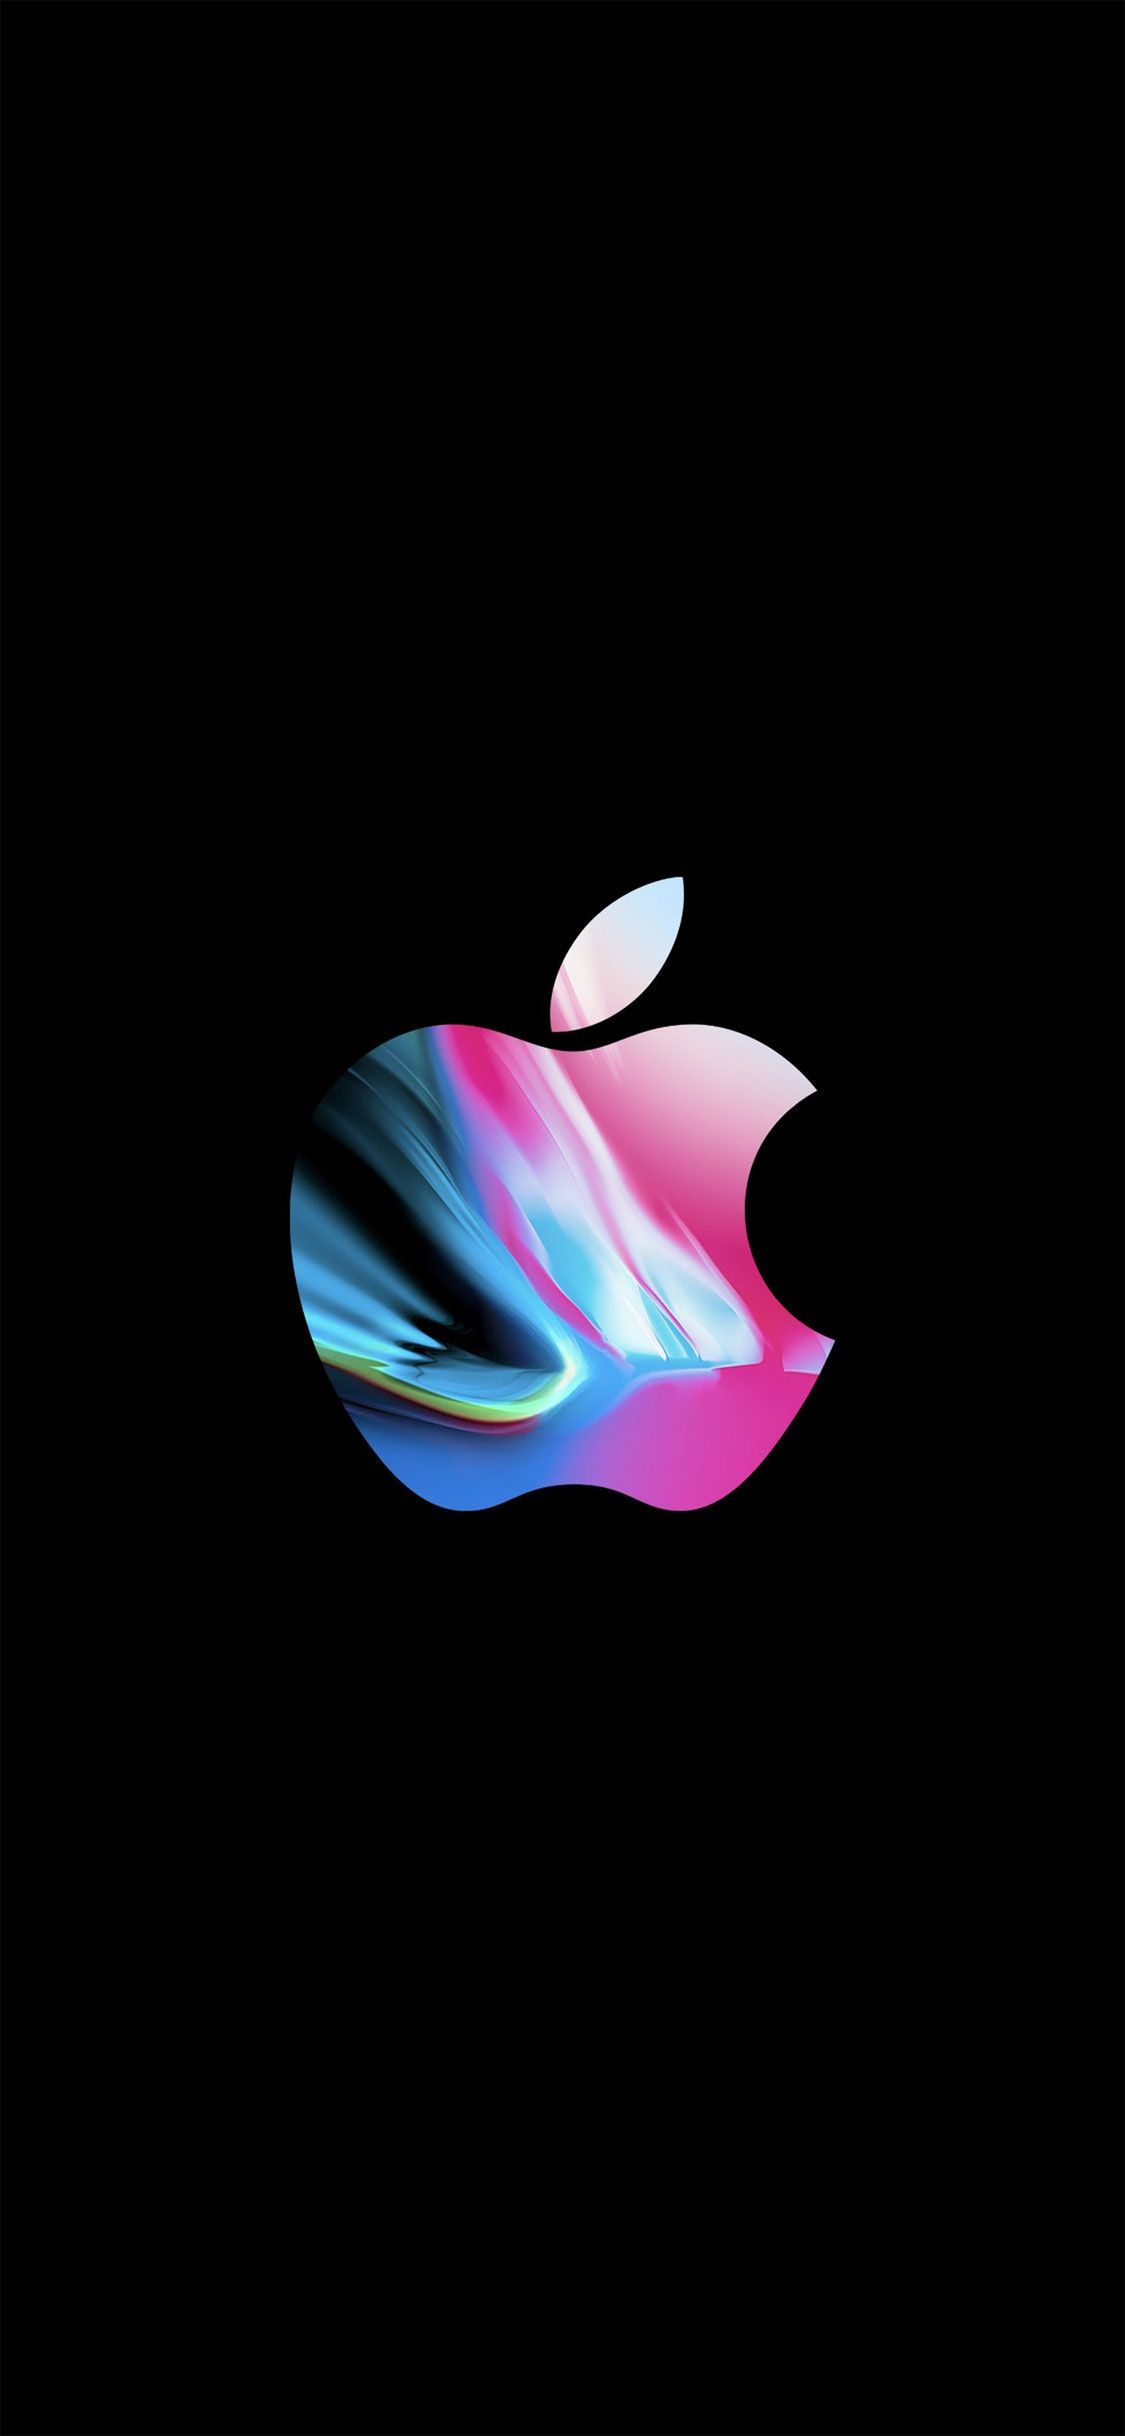 اجمل صور خلفيات الآيفون اكس الأصلية وأحلى خلفية موبايل Apple Iphone X عالم الصور Apple Logo Wallpaper Iphone Iphone Wallpaper Apple Logo Wallpaper